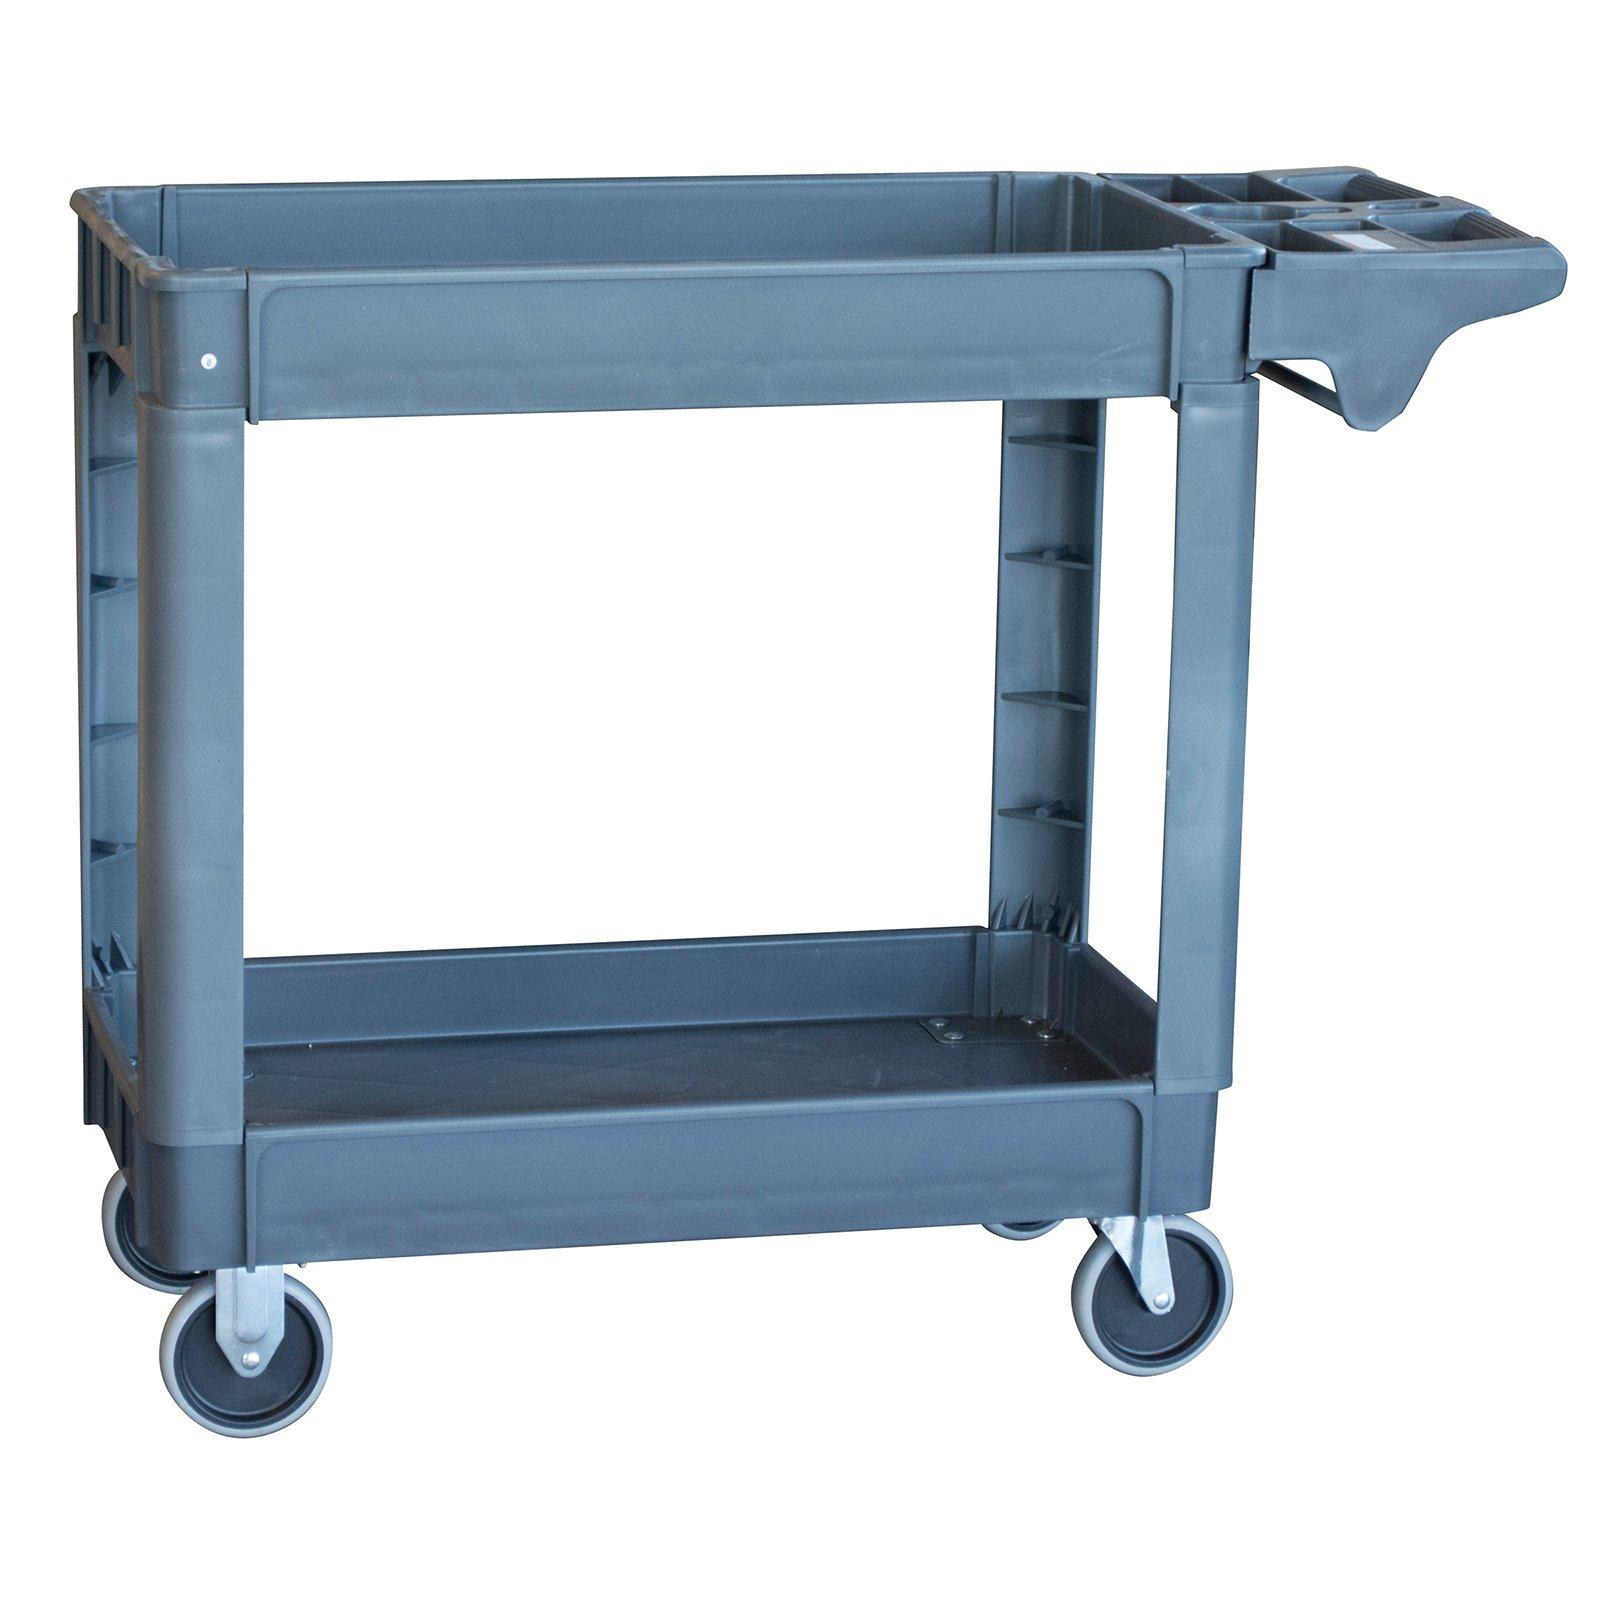 Pro Series Two Shelf Heavy Duty Utility Cart Walmart